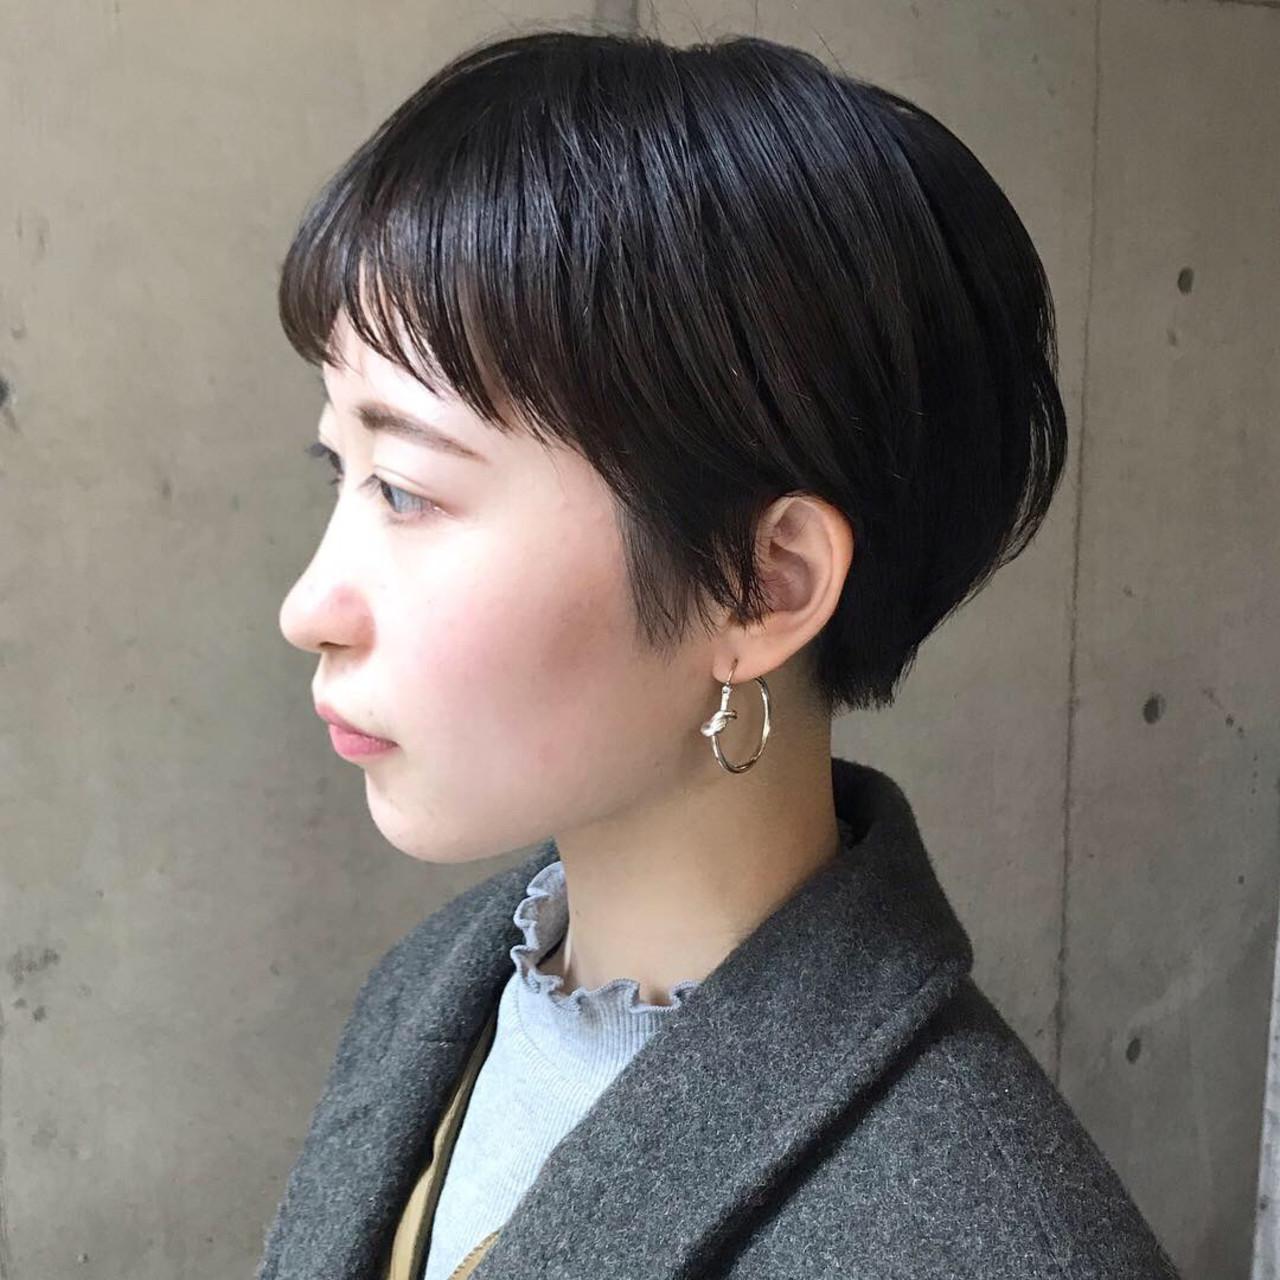 ハンサムショート アンニュイほつれヘア 大人かわいい ショートボブ ヘアスタイルや髪型の写真・画像